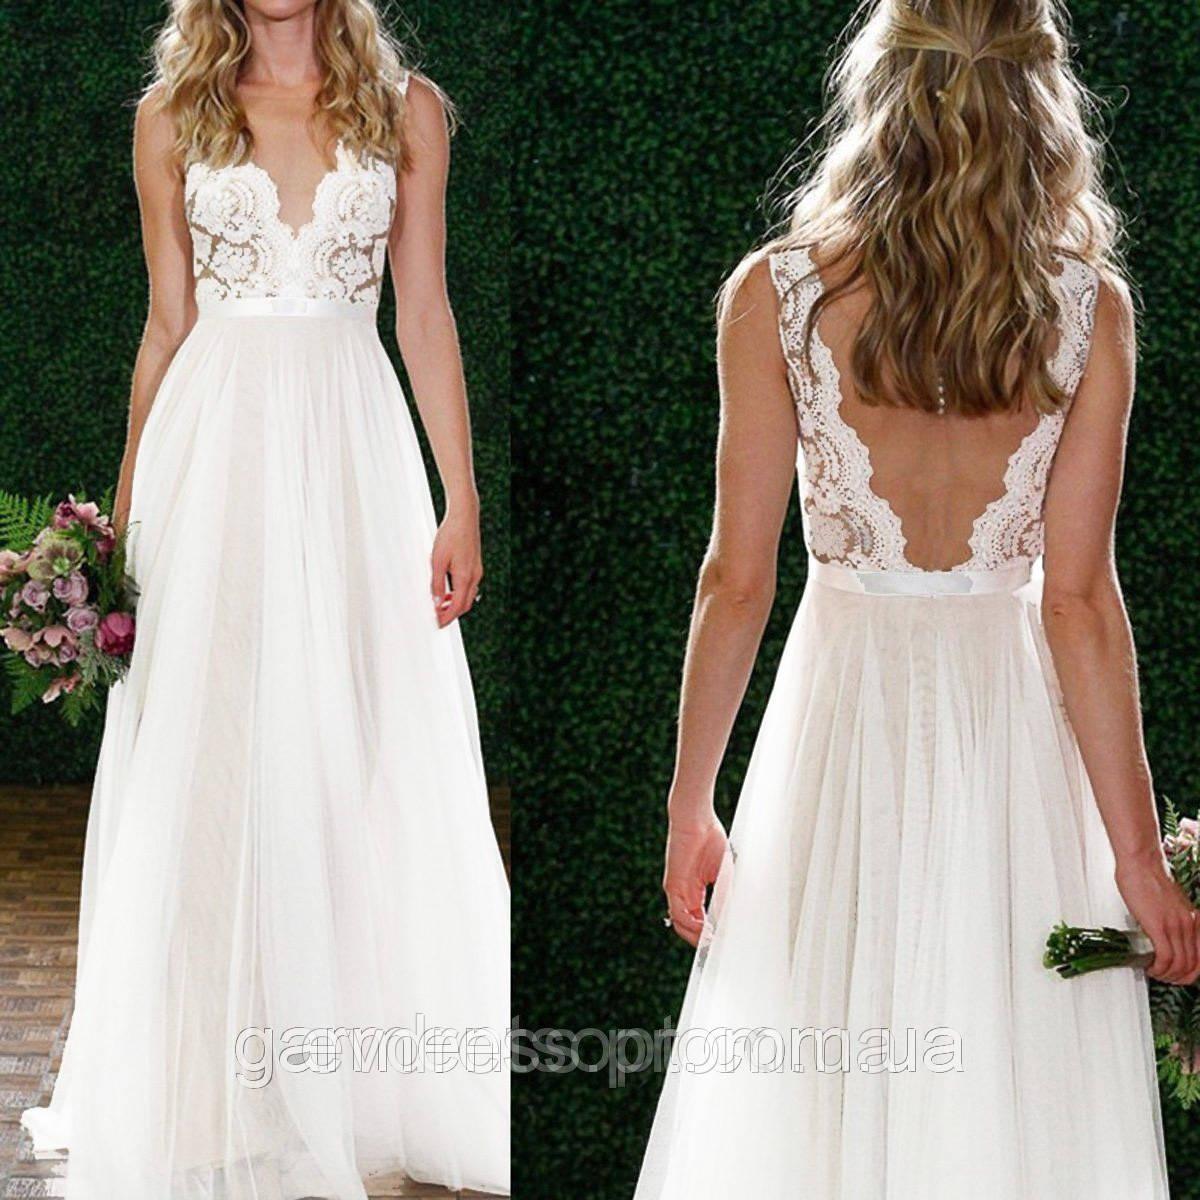 c787c4dec21 Пышное свадебное платье А-силуэт V-вырез - Интернет-магазин ev-dress